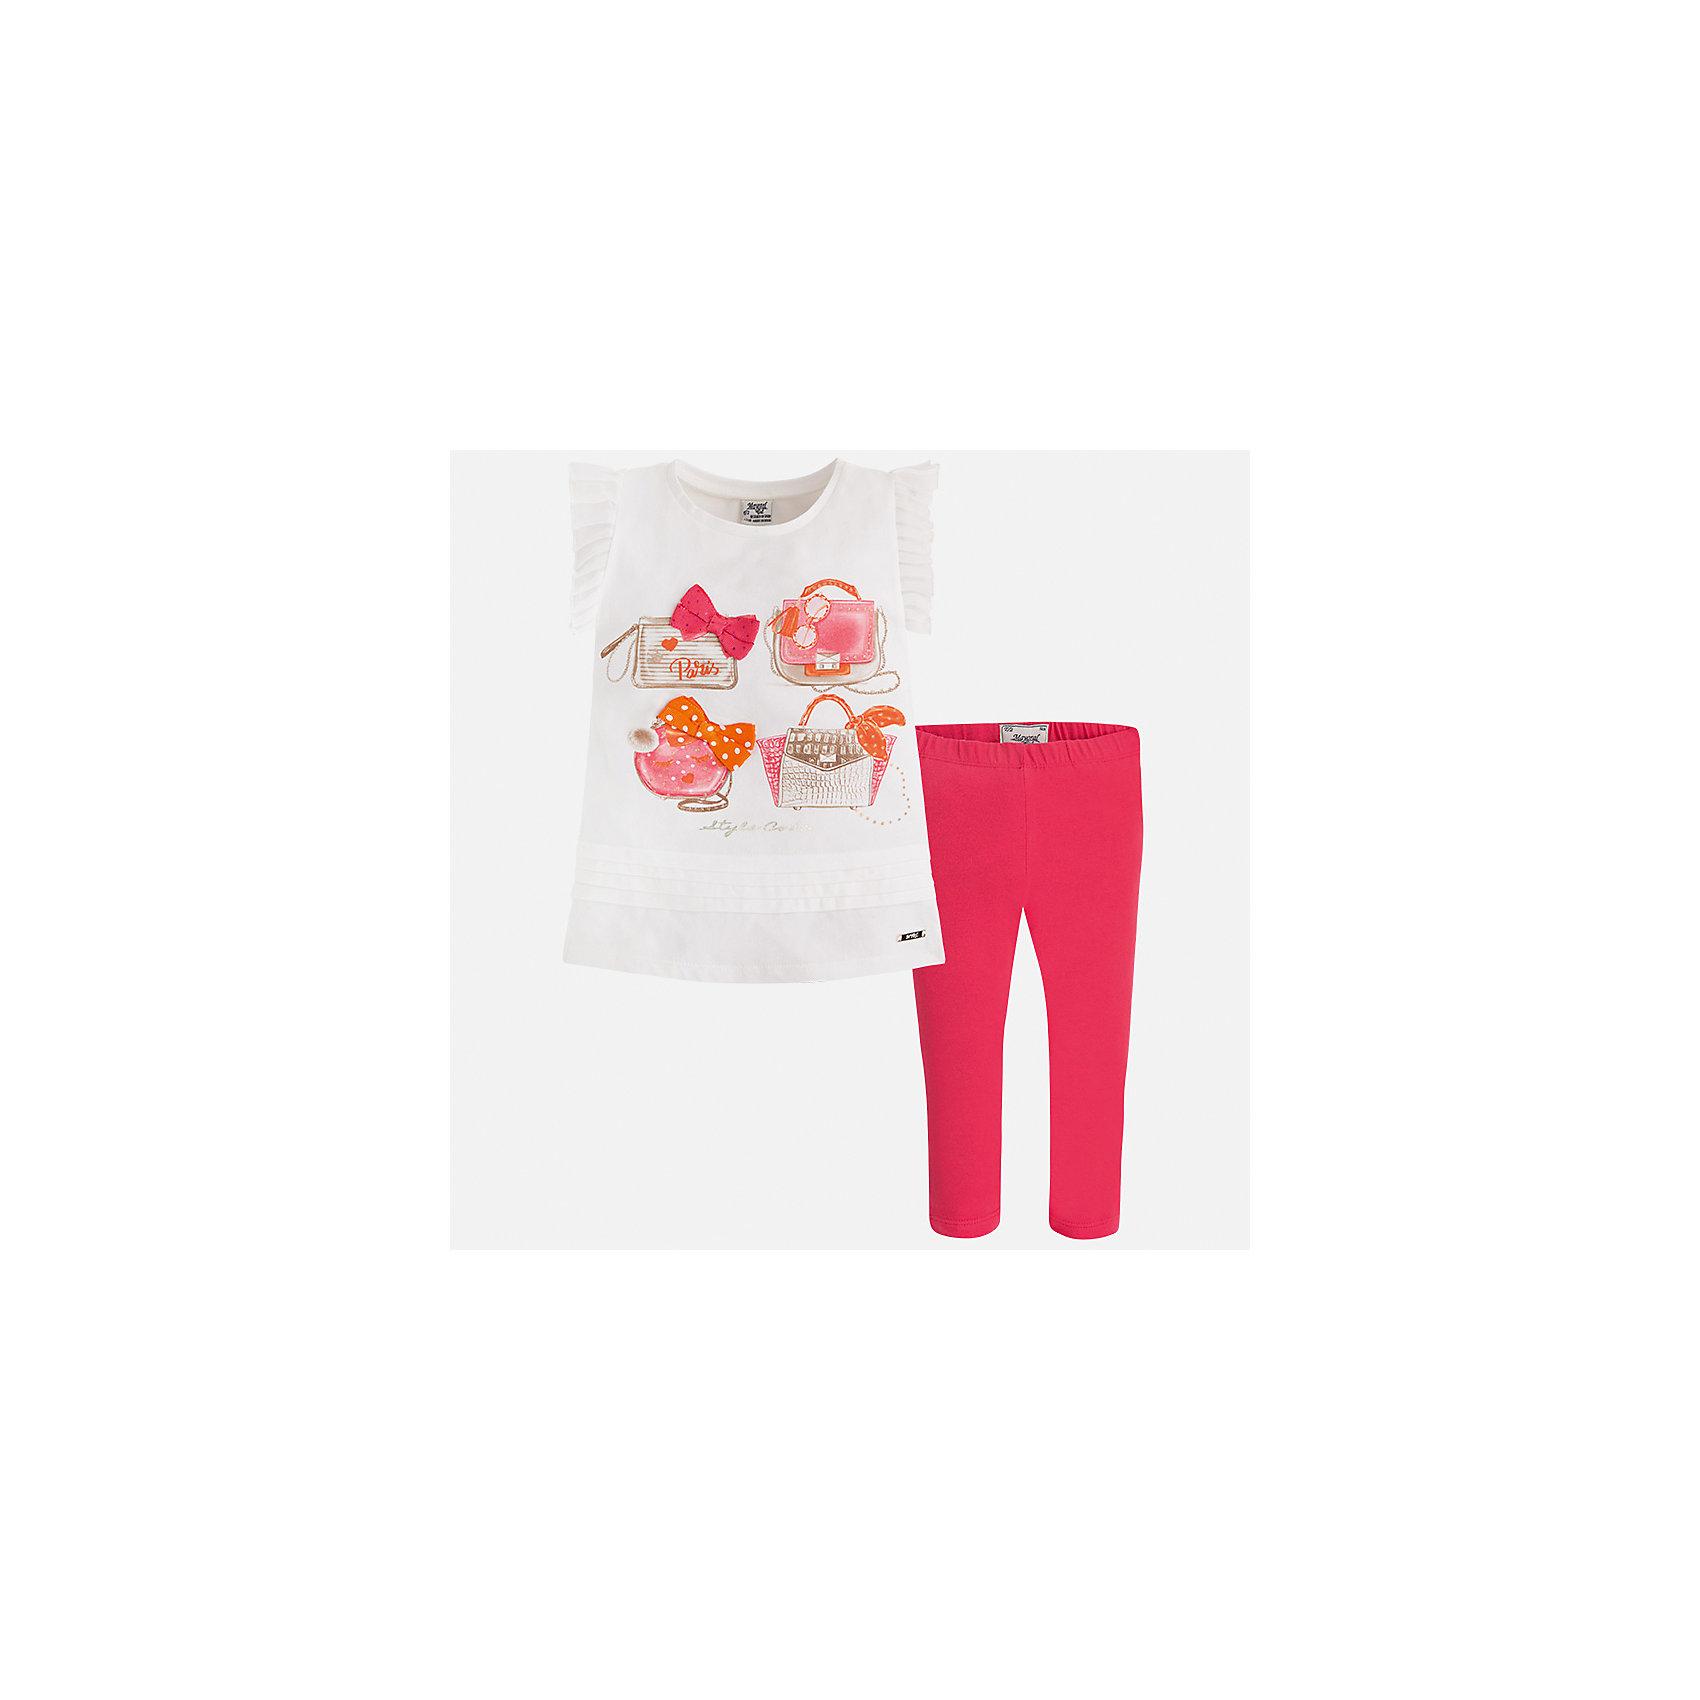 Комплект: блузка и леггинсы для девочки MayoralКомплекты<br>Характеристики товара:<br><br>• цвет: белый/розовый<br>• состав: 95% хлопок, 5% эластан<br>• комплектация: футболка, леггинсы<br>• футболка декорирована принтом и оборками<br>• леггинсы однотонные<br>• пояс на резинке<br>• страна бренда: Испания<br><br>Красивый качественный комплект для девочки поможет разнообразить гардероб ребенка и удобно одеться в теплую погоду. Он отлично сочетается с другими предметами. Интересная отделка модели делает её нарядной и оригинальной. В составе материала - натуральный хлопок, гипоаллергенный, приятный на ощупь, дышащий.<br><br>Комплект для девочки от испанского бренда Mayoral (Майорал) можно купить в нашем интернет-магазине.<br><br>Ширина мм: 123<br>Глубина мм: 10<br>Высота мм: 149<br>Вес г: 209<br>Цвет: красный<br>Возраст от месяцев: 96<br>Возраст до месяцев: 108<br>Пол: Женский<br>Возраст: Детский<br>Размер: 92,134,98,104,110,116,122,128<br>SKU: 5290622